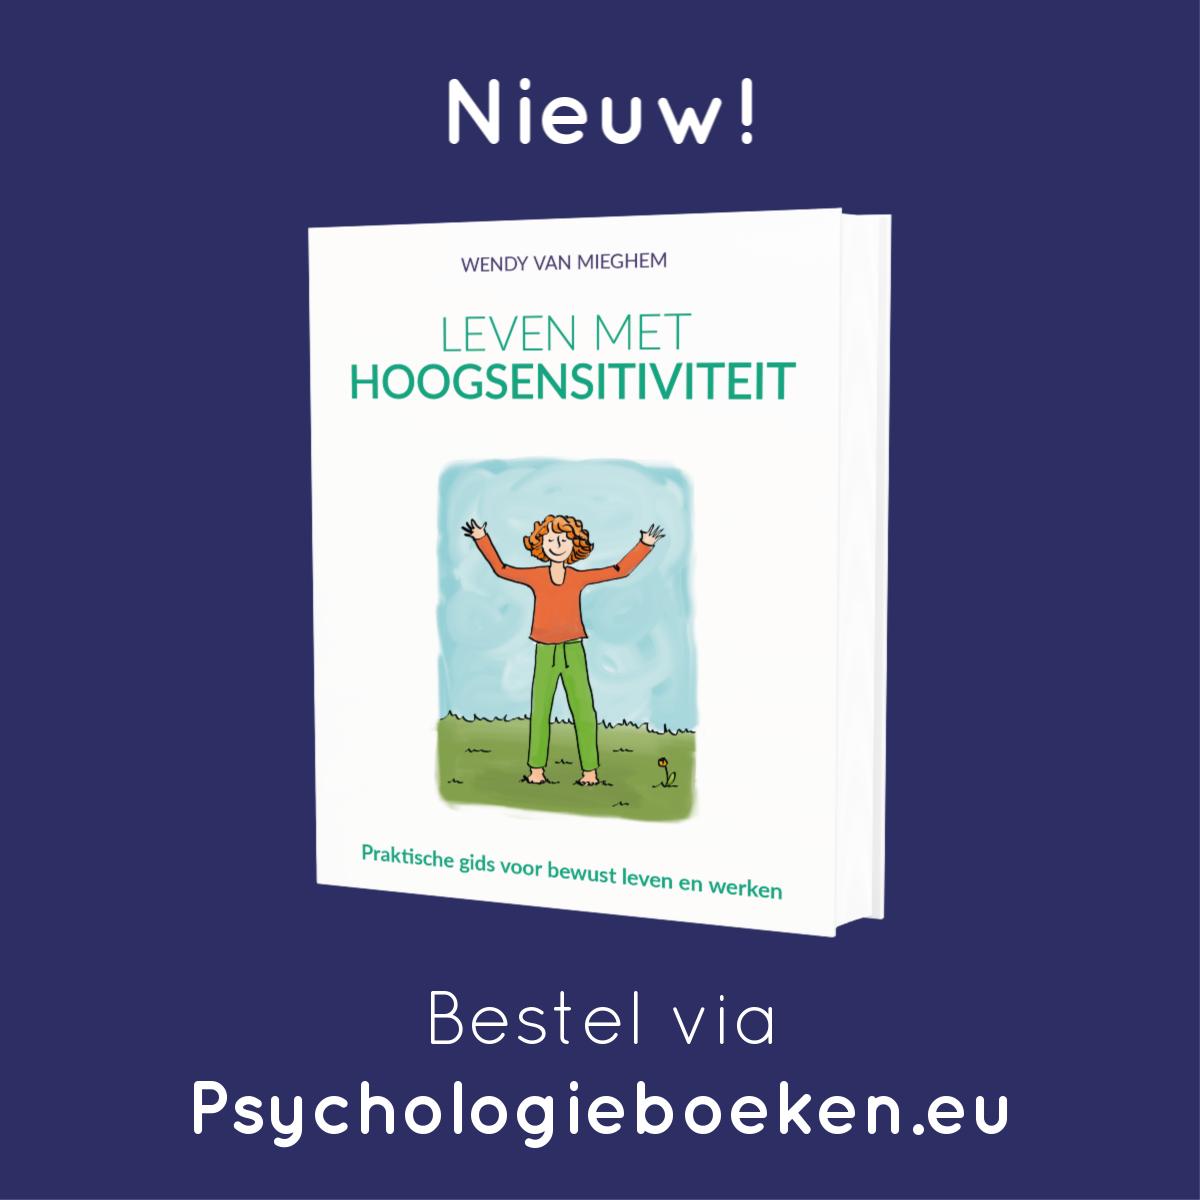 Boek Leven met hoogsensitiviteit - Psychologieboeken.eu